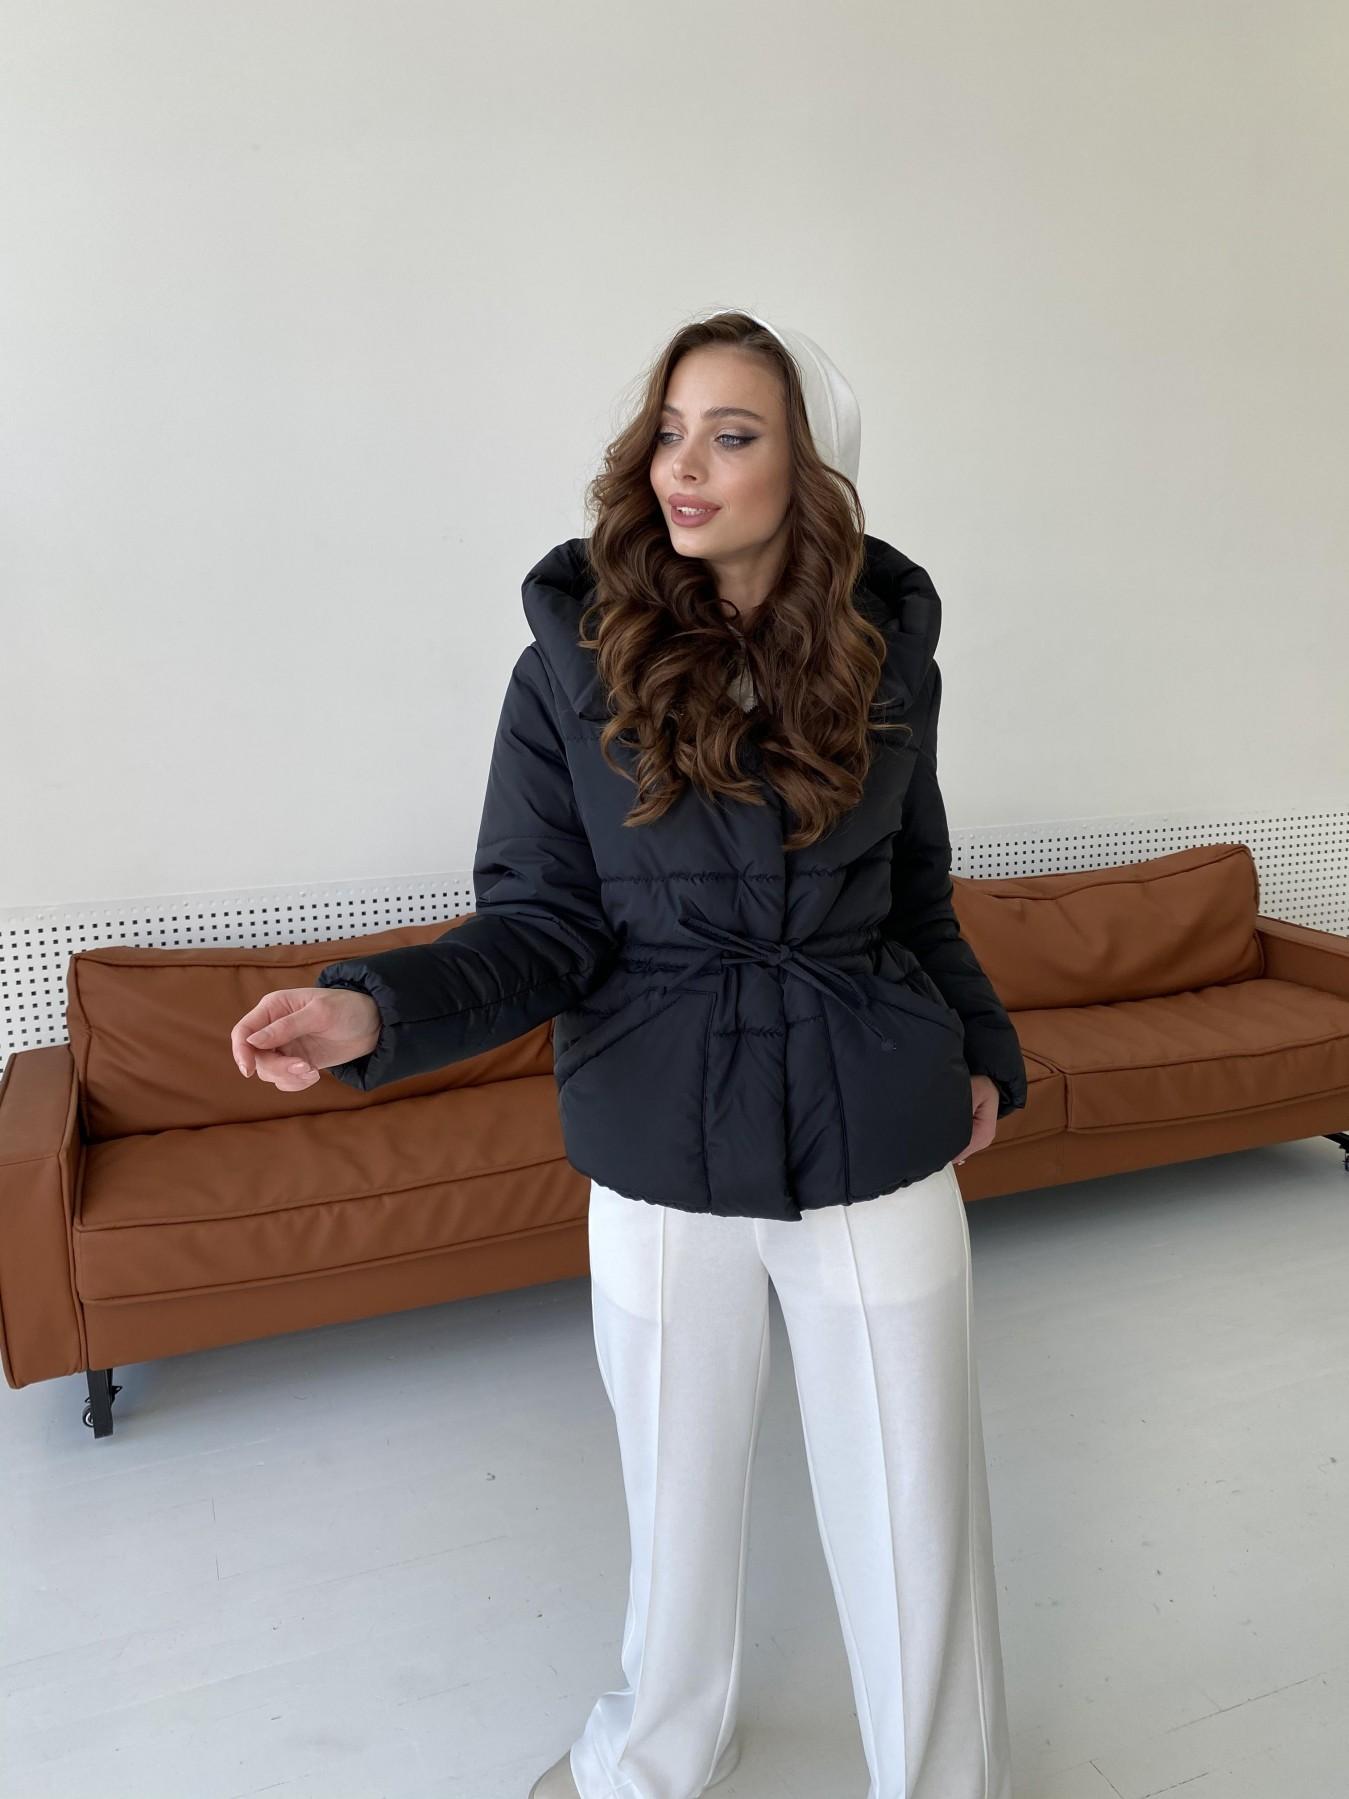 Пино куртка из плащевой ткани 10489 АРТ. 47270 Цвет: Черный - фото 7, интернет магазин tm-modus.ru